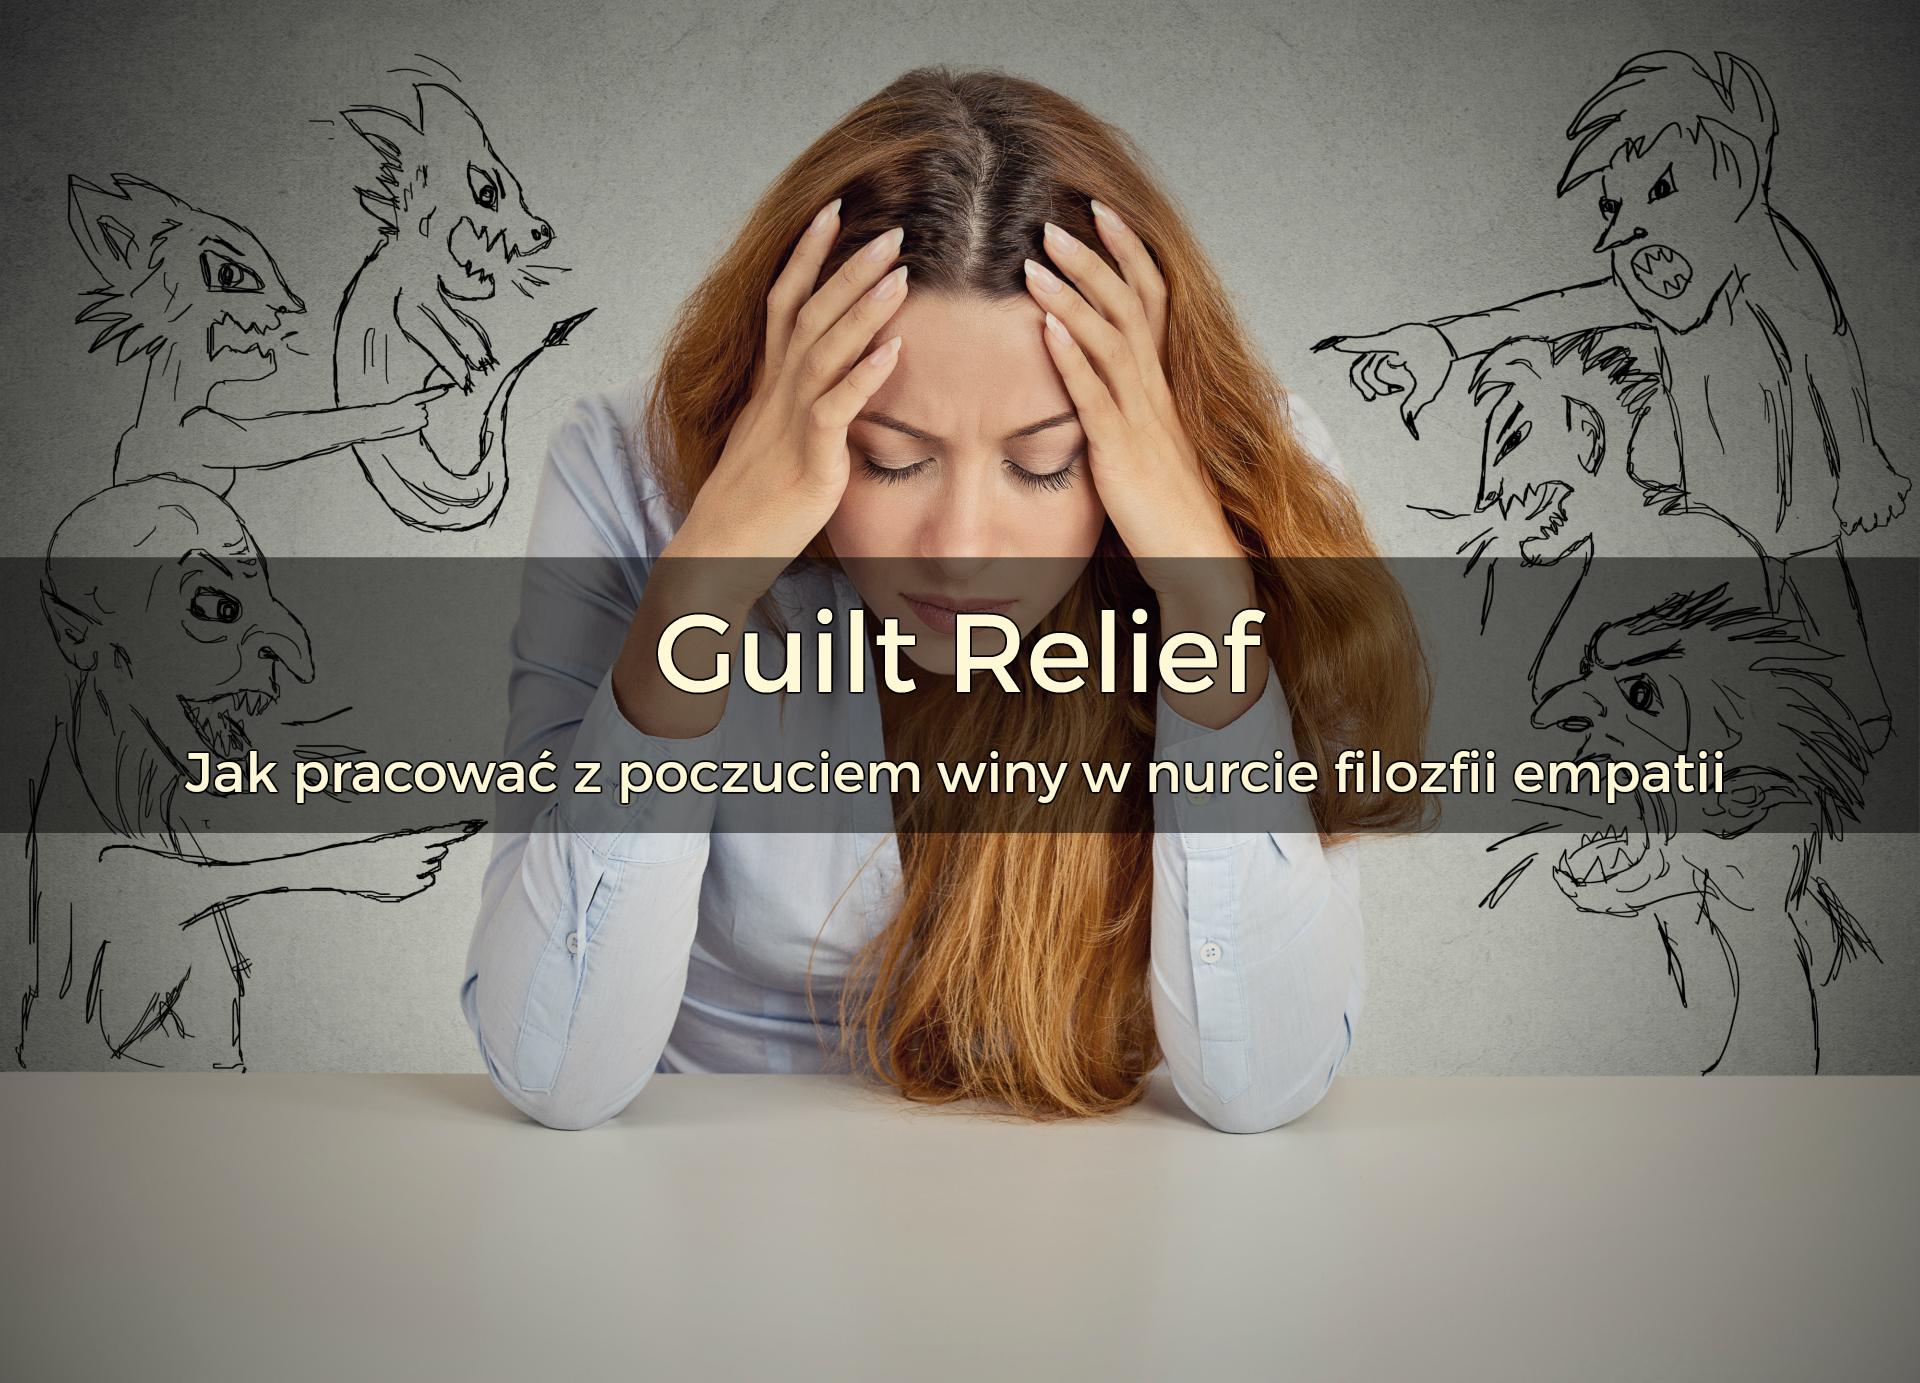 Guilt Relief – ja pracować z poczuciem winy w nurcie filozofii empatii | 2018 | Warszawa